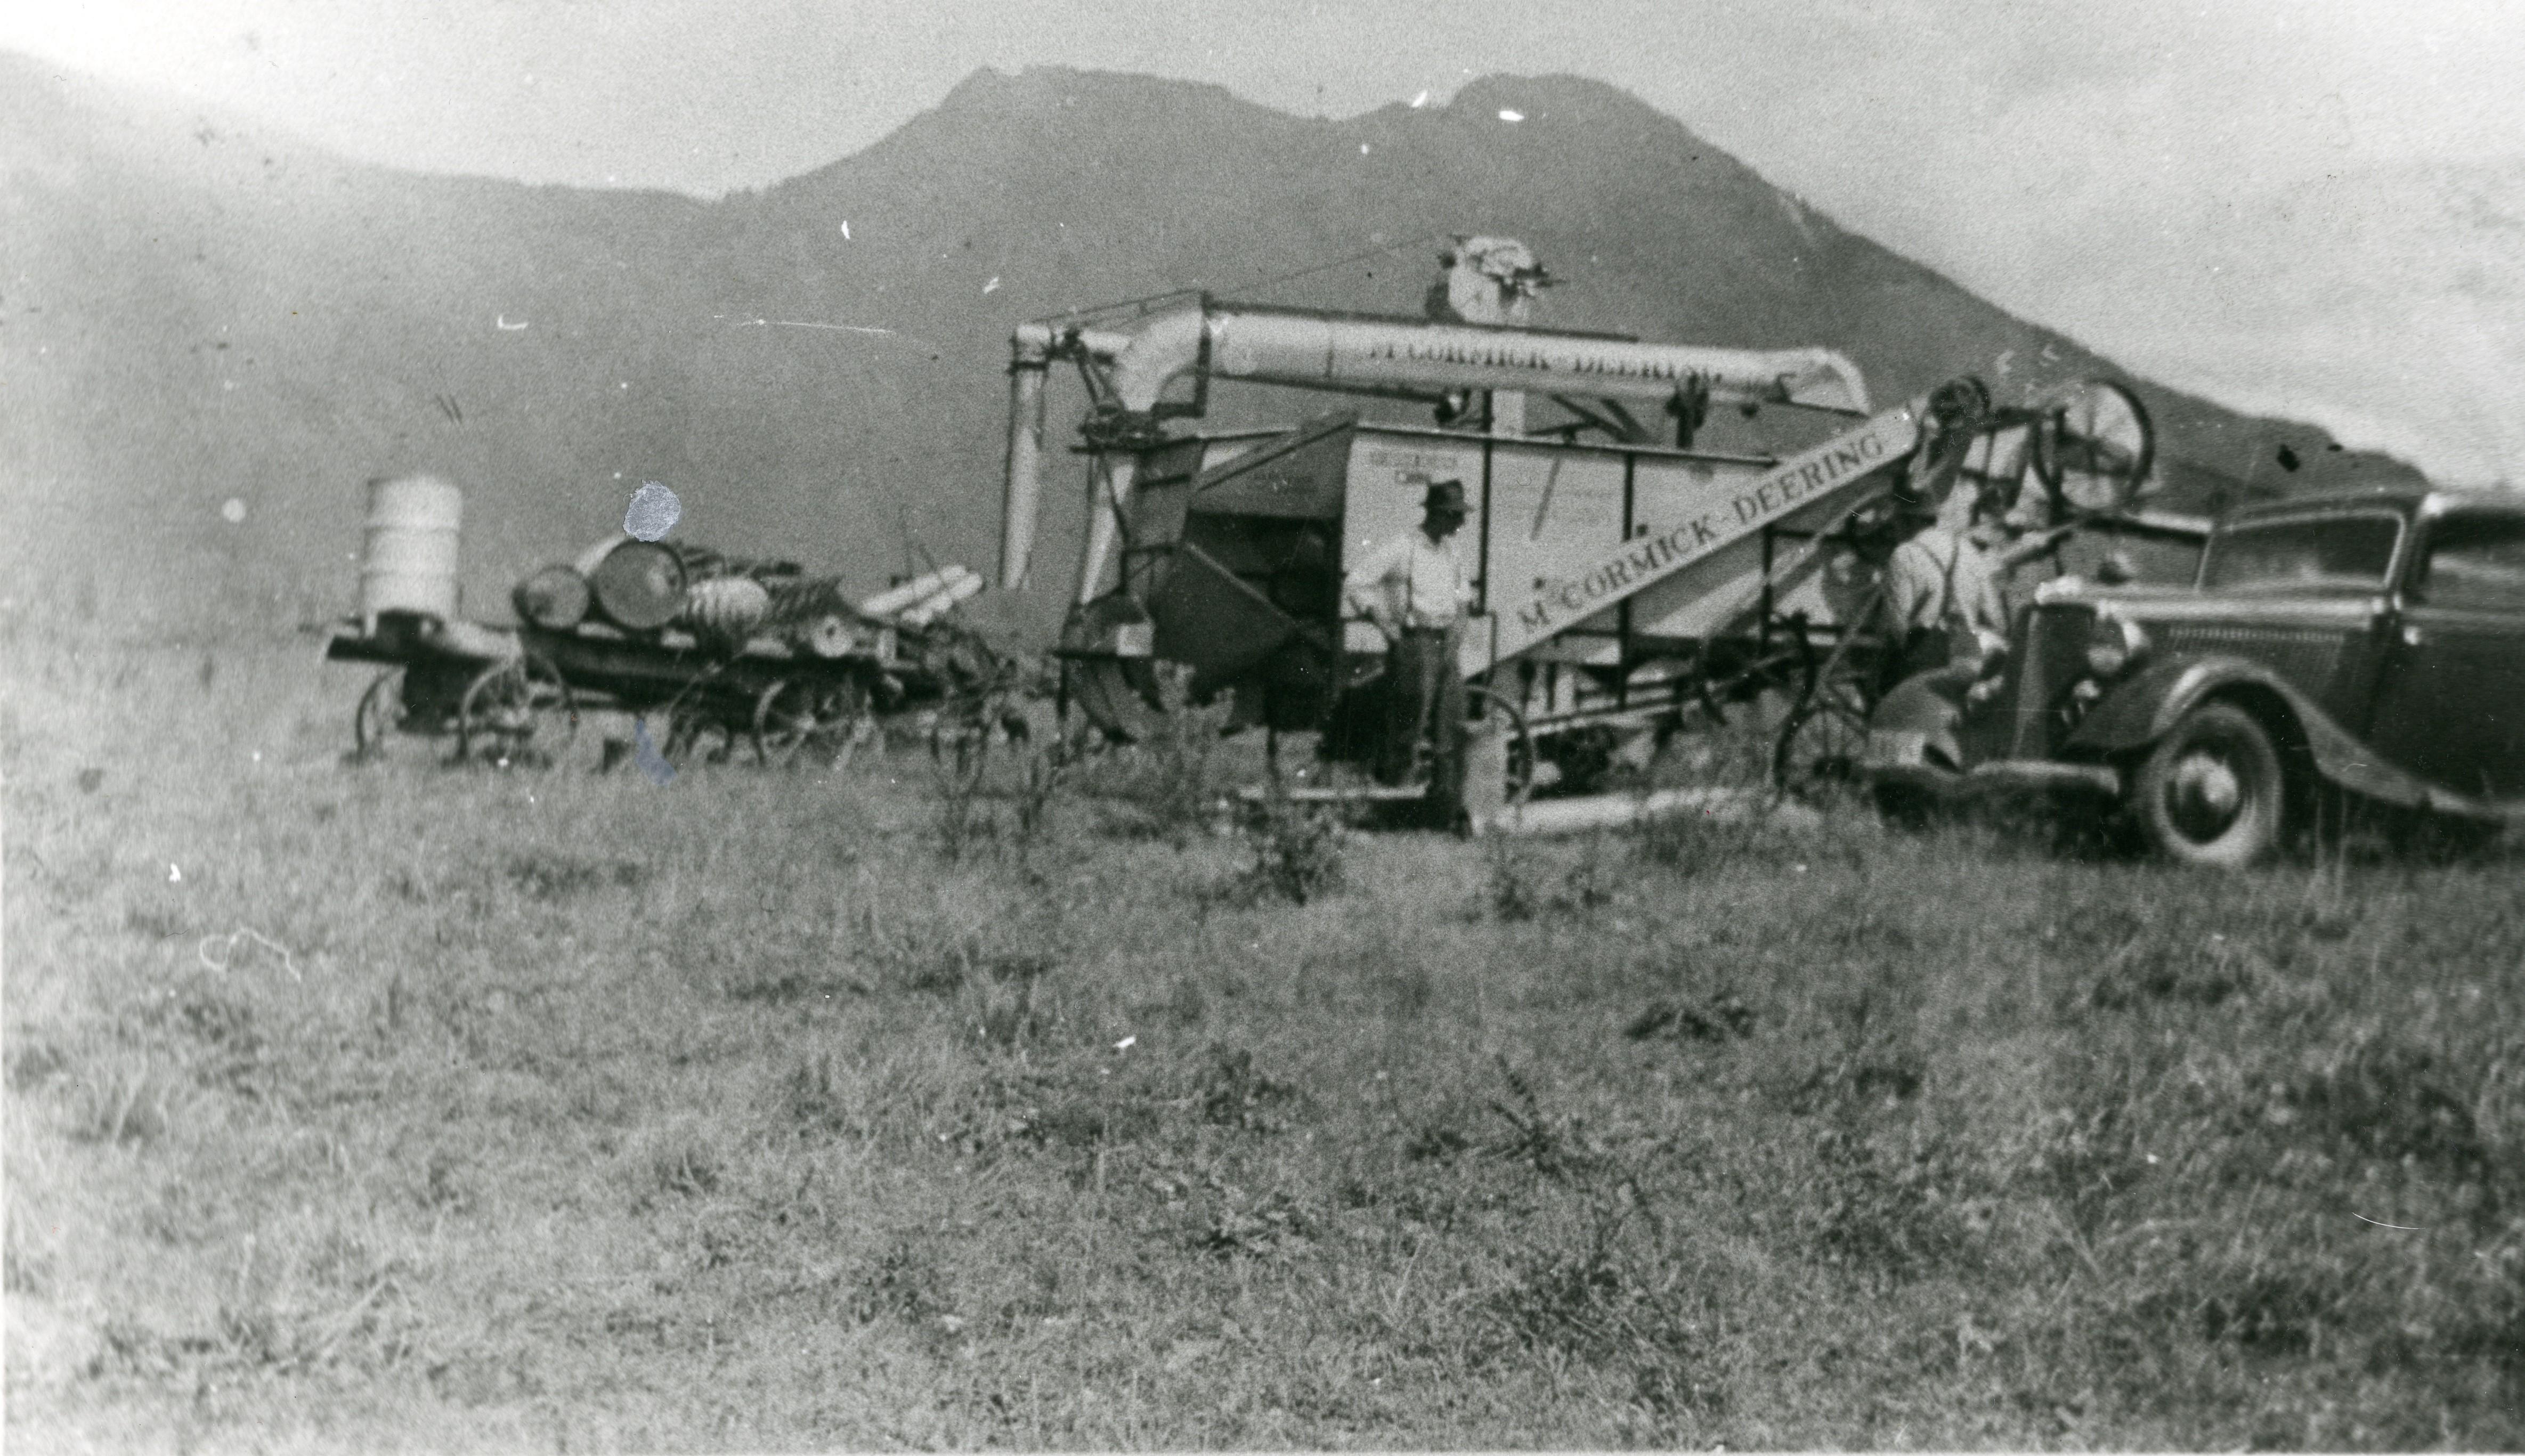 Photo en noir et blanc d'hommes travaillant dans un champ avec une batteuse McCormick-Deering. Une voiture est au premier plan et les montagnes sont en arrière-plan. Un wagon avec des barils est à côté de la batteuse.